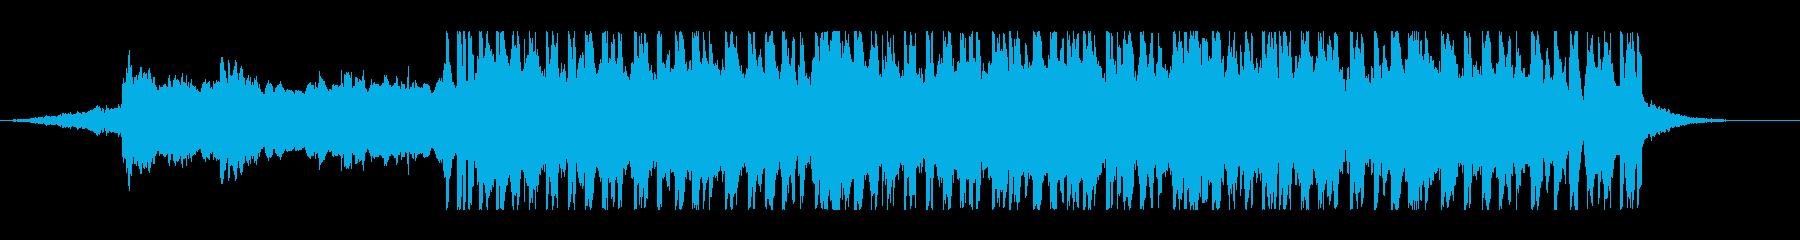 1分CM仕様/機械的/アナーキーなロックの再生済みの波形